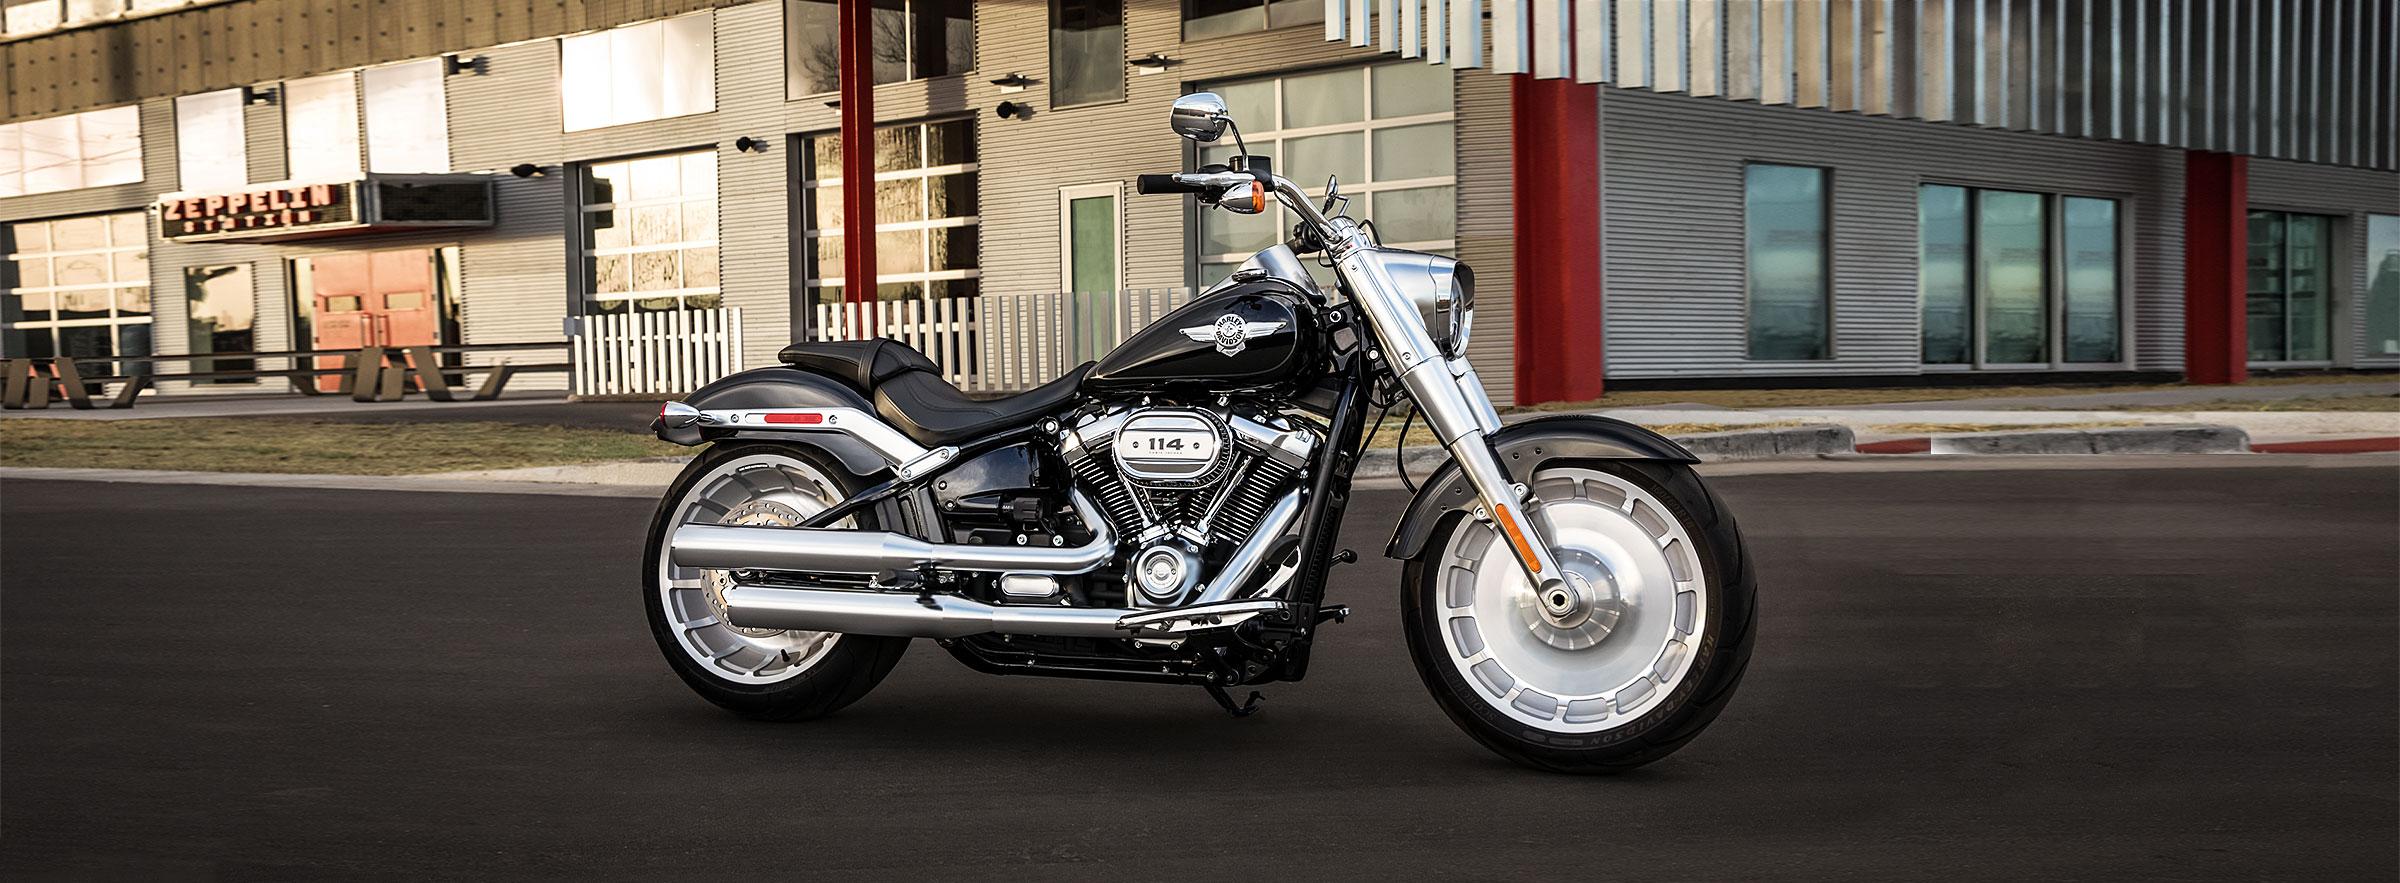 2019 Tri Glide Wallpaper: Bécancour Harley-Davidson®